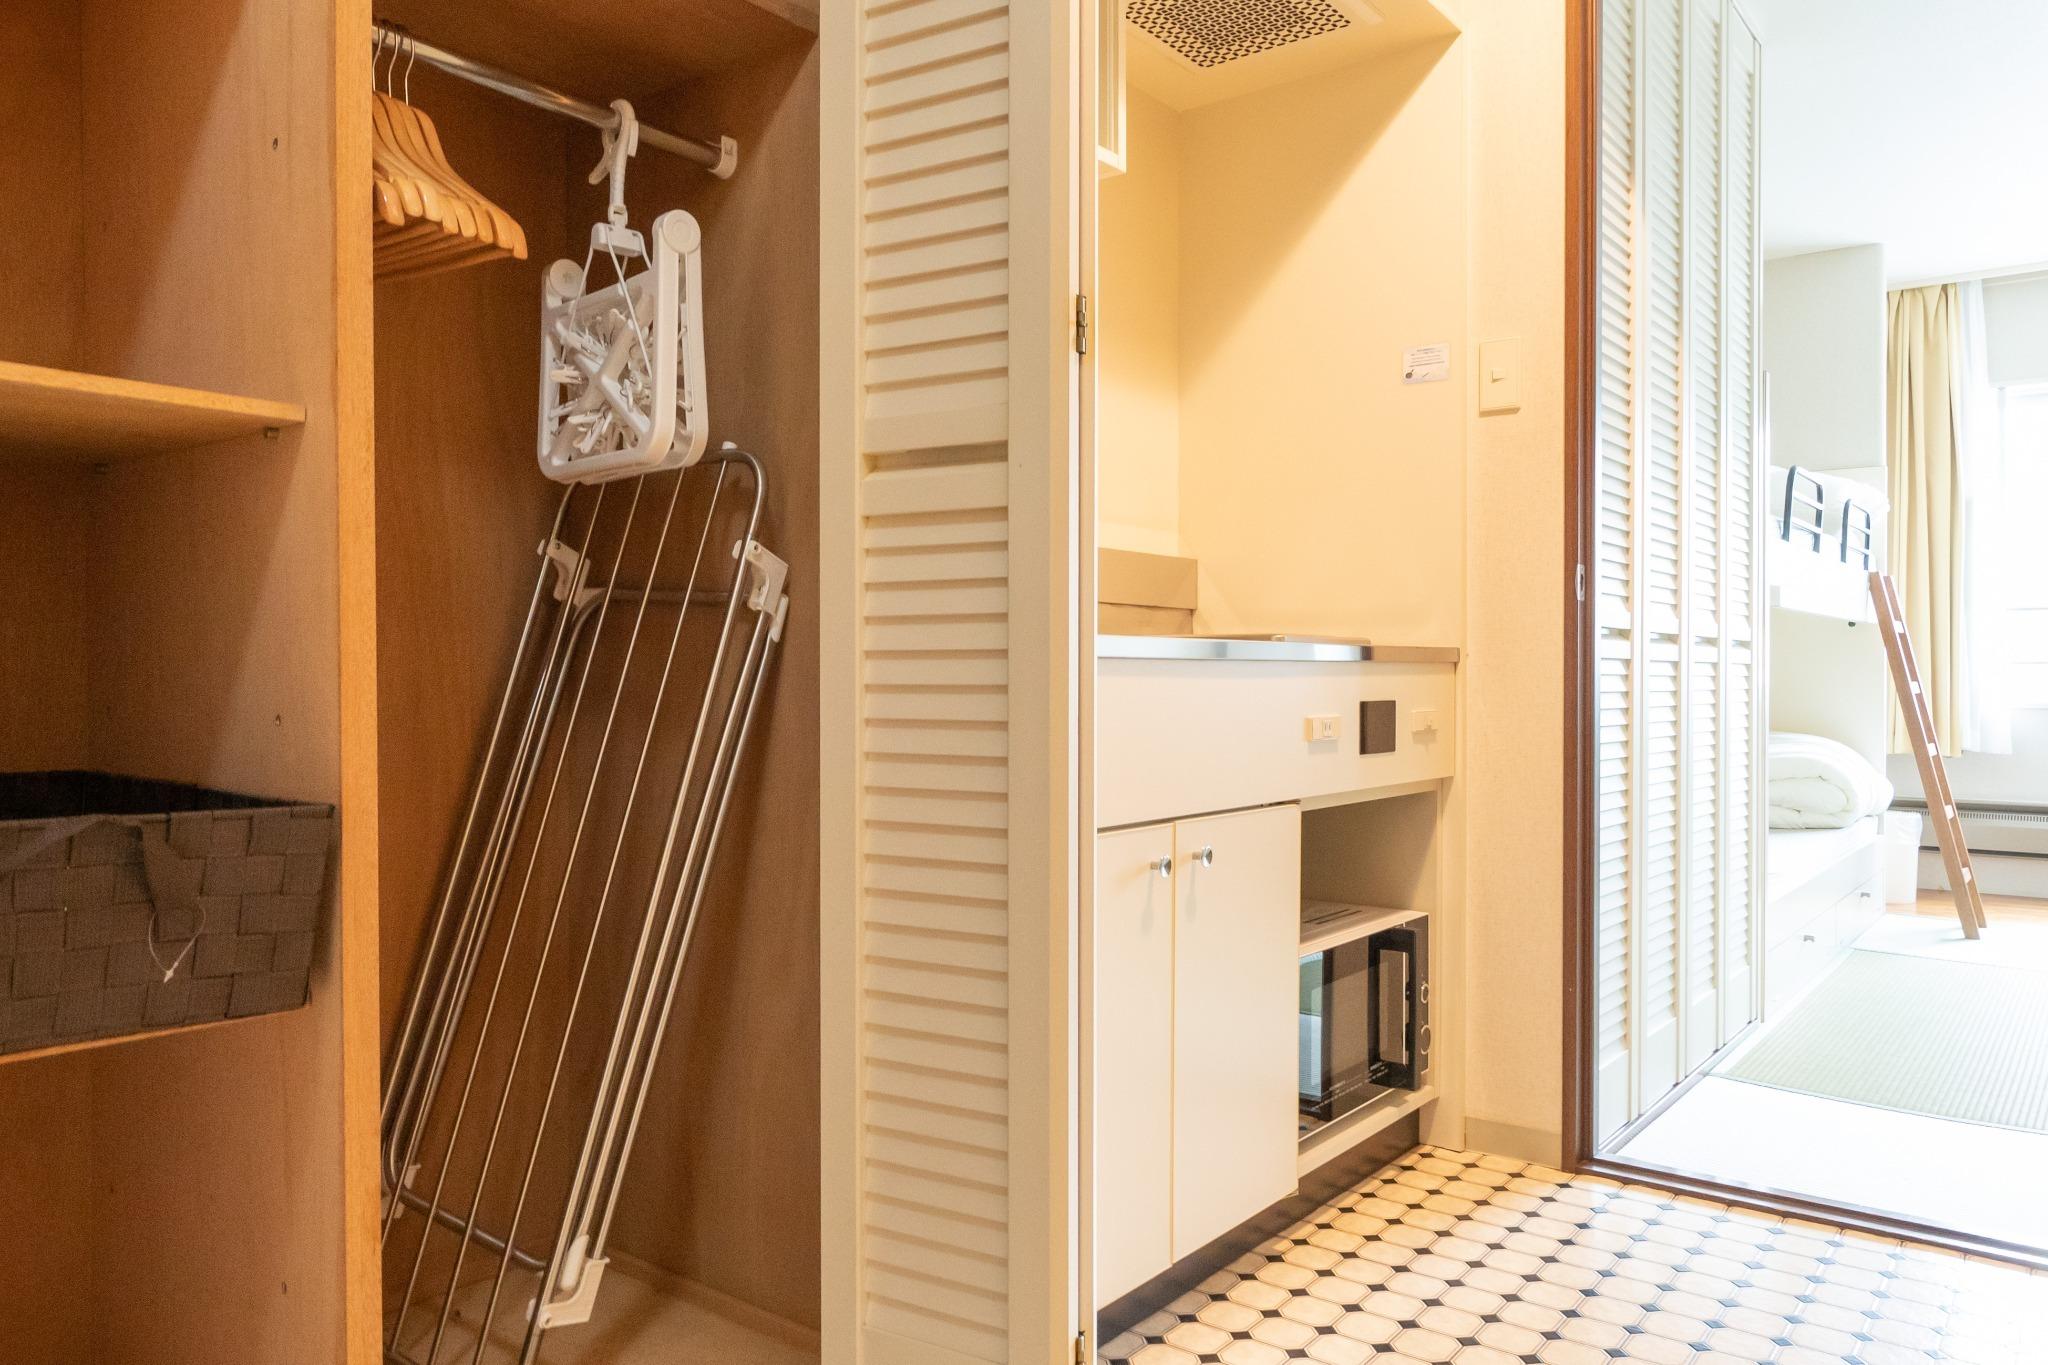 【ワーケーション応援】温泉有・Wi-Fi完備・リゾートマンションでごゆっくり【209号室・4名】